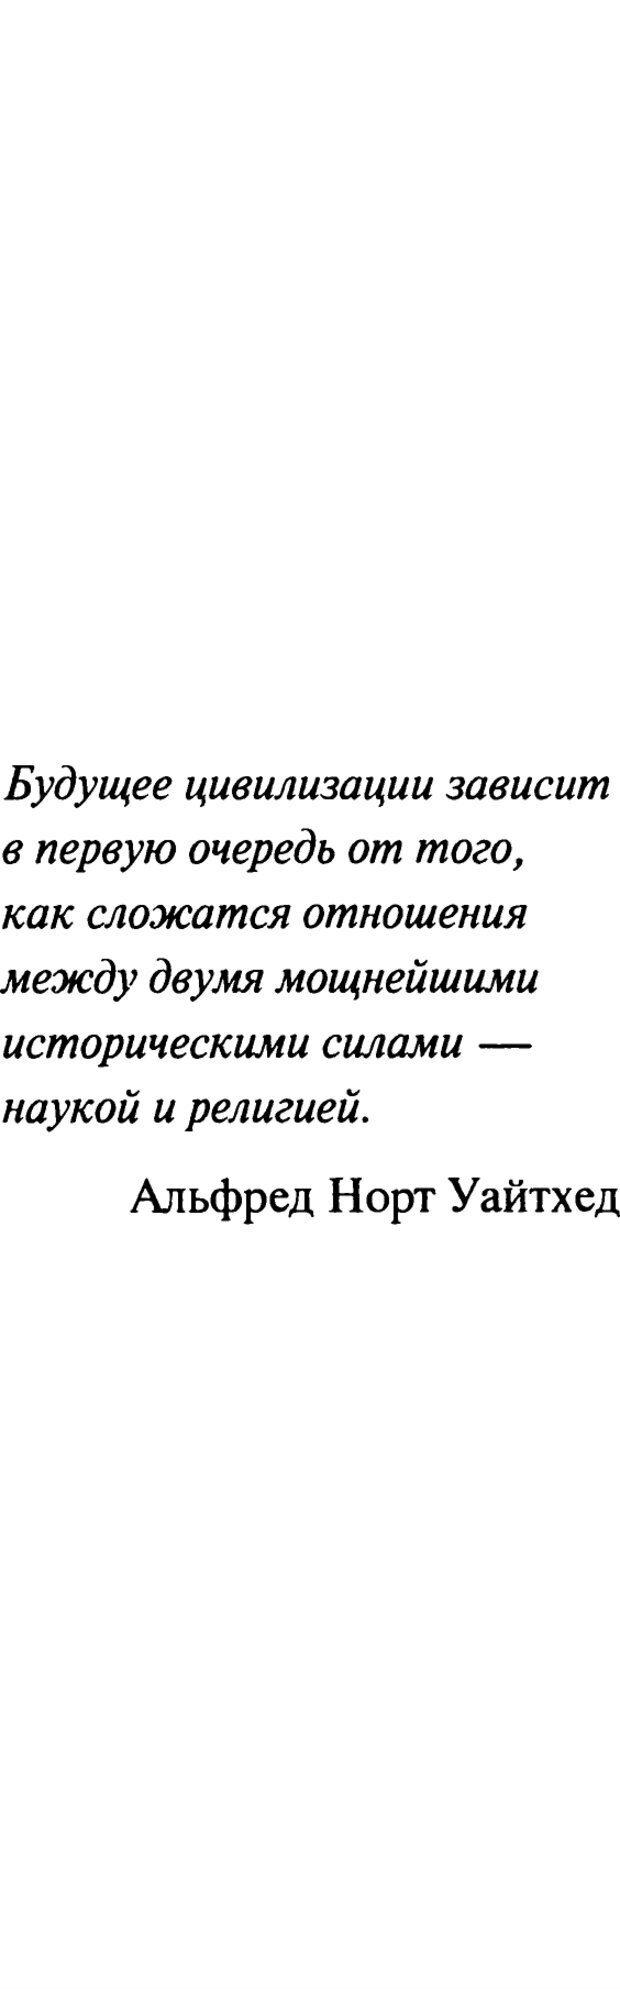 PDF. От науки к богу. Рассел П. Страница 8. Читать онлайн